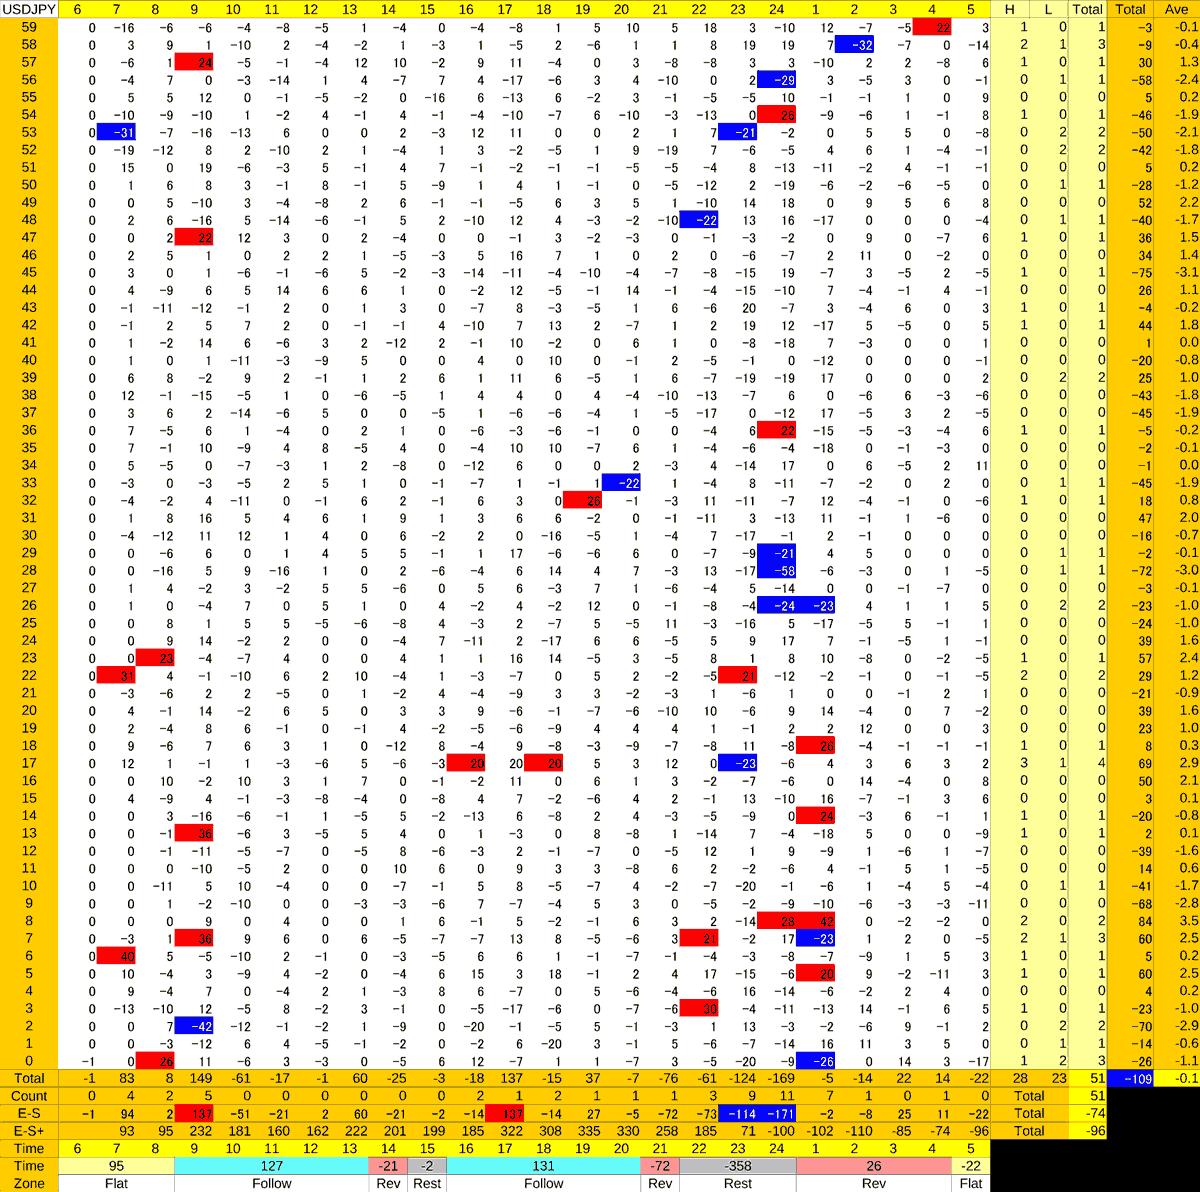 20210208_HS(1)USDJPY